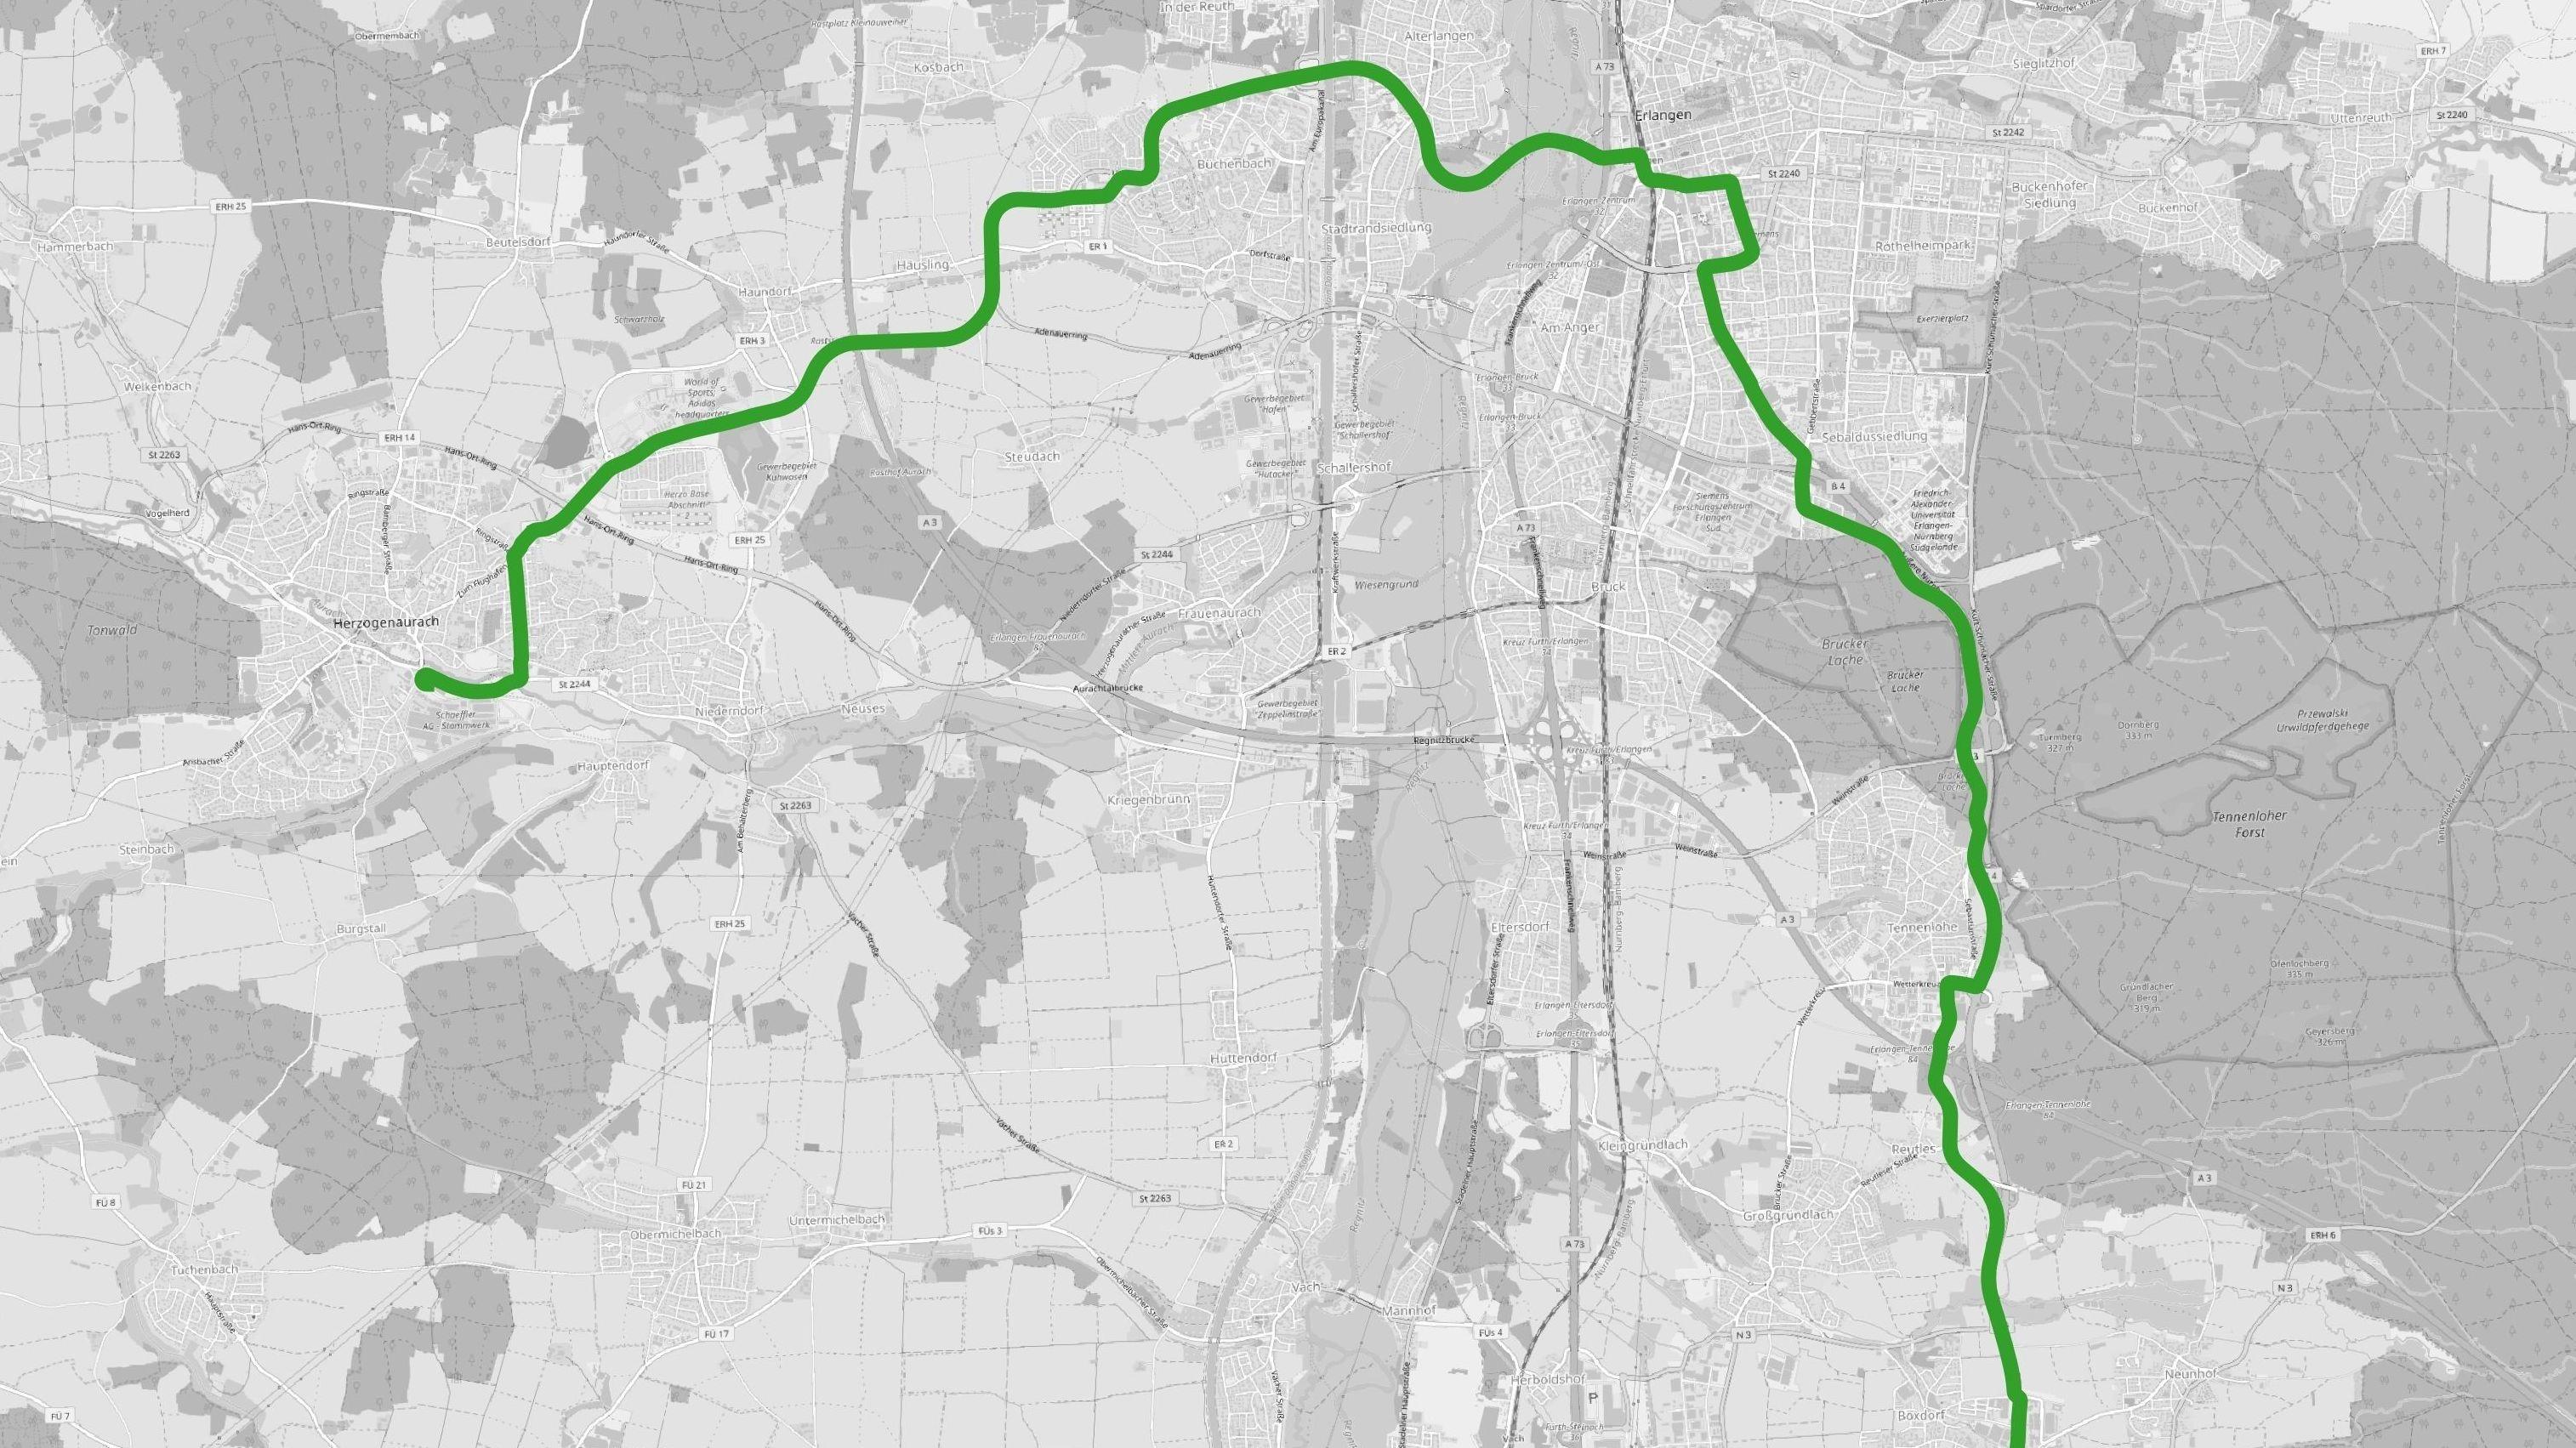 StUB: Empfohlene Vorzugstrasse des Zweckverbands Stadt-Umland-Bahn für das Raumordnungsverfahren